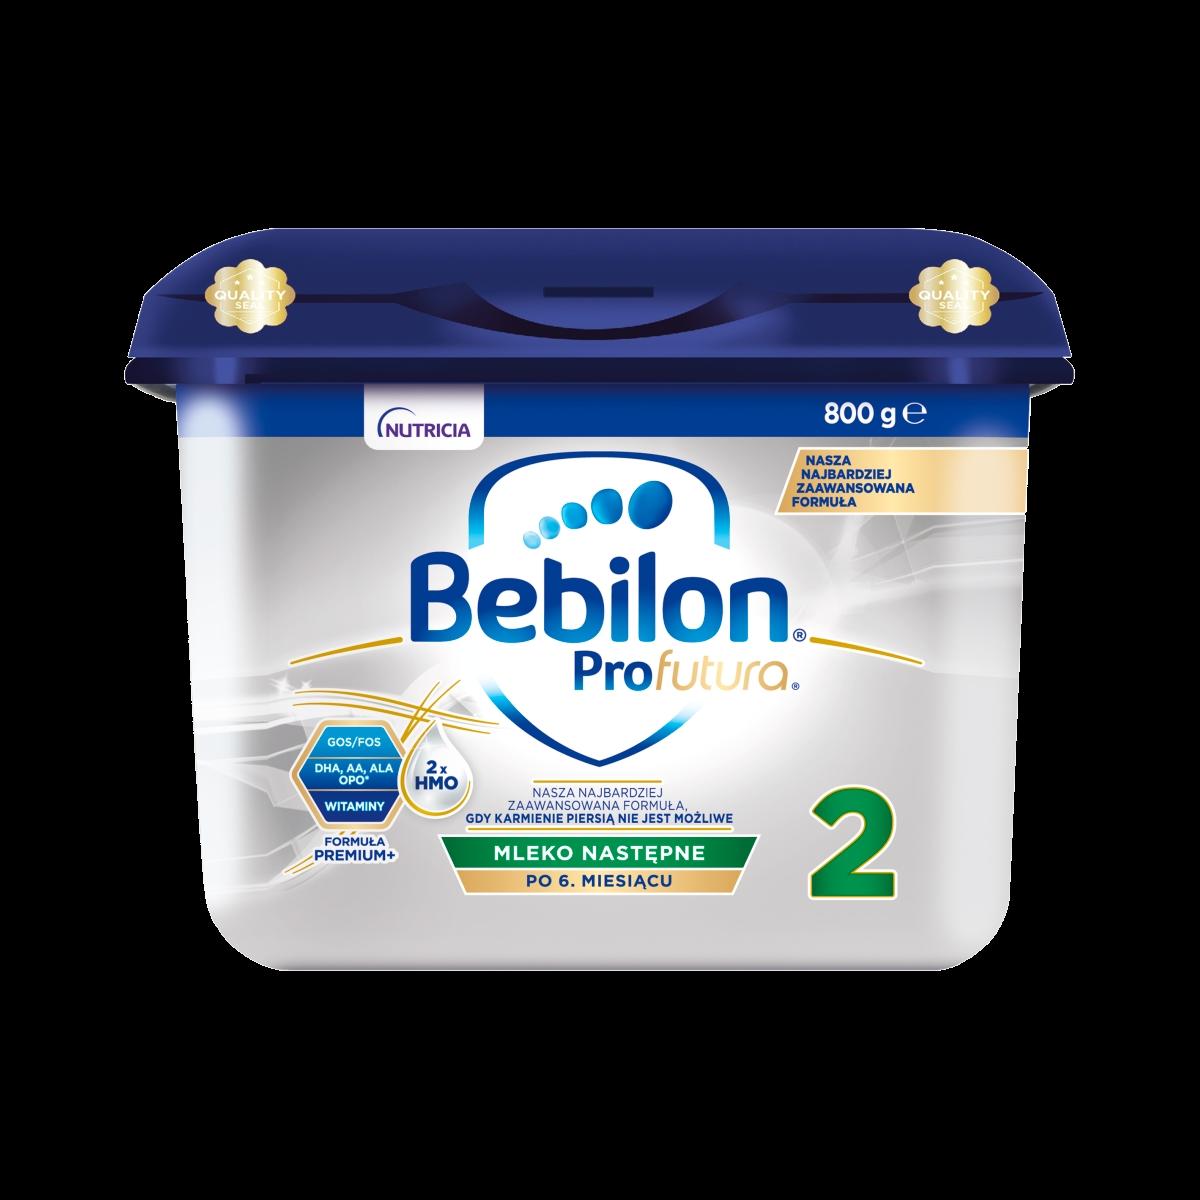 bebilon_2_profutura_800